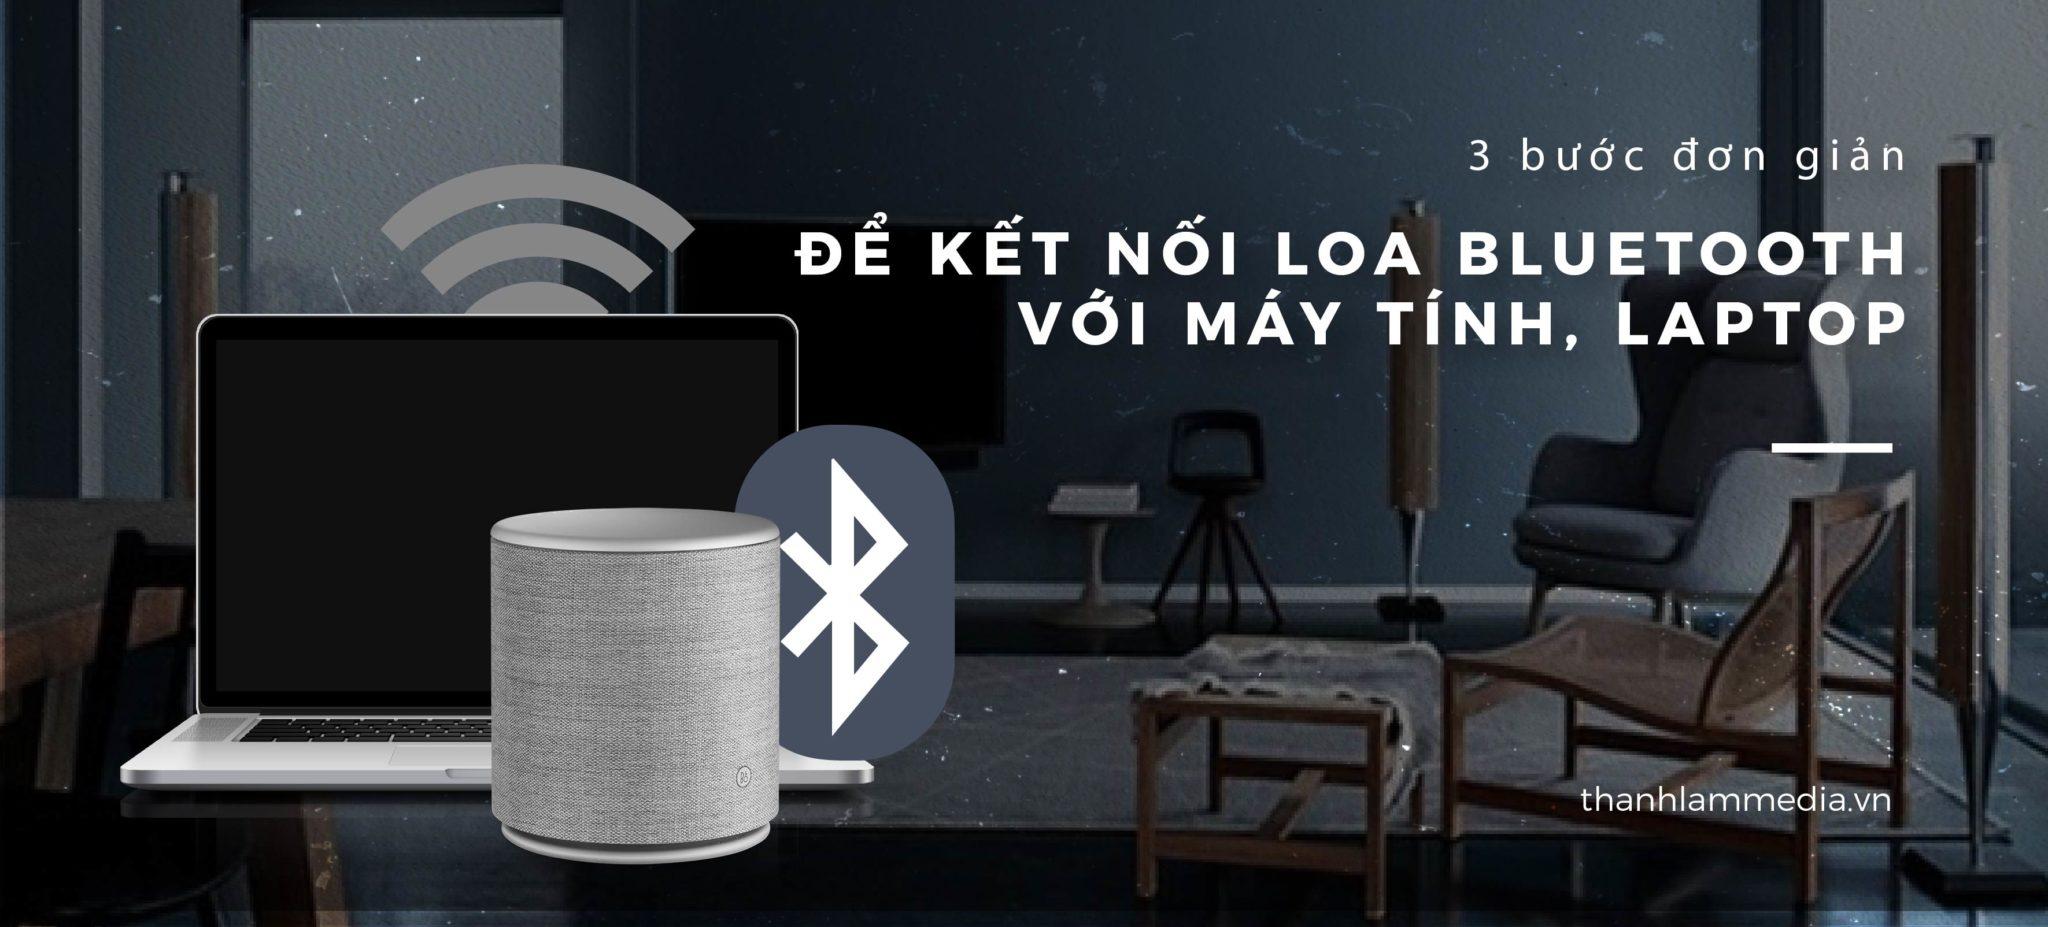 3 bước đơn giản để kết nối loa Bluetooth với máy tính, laptop 1